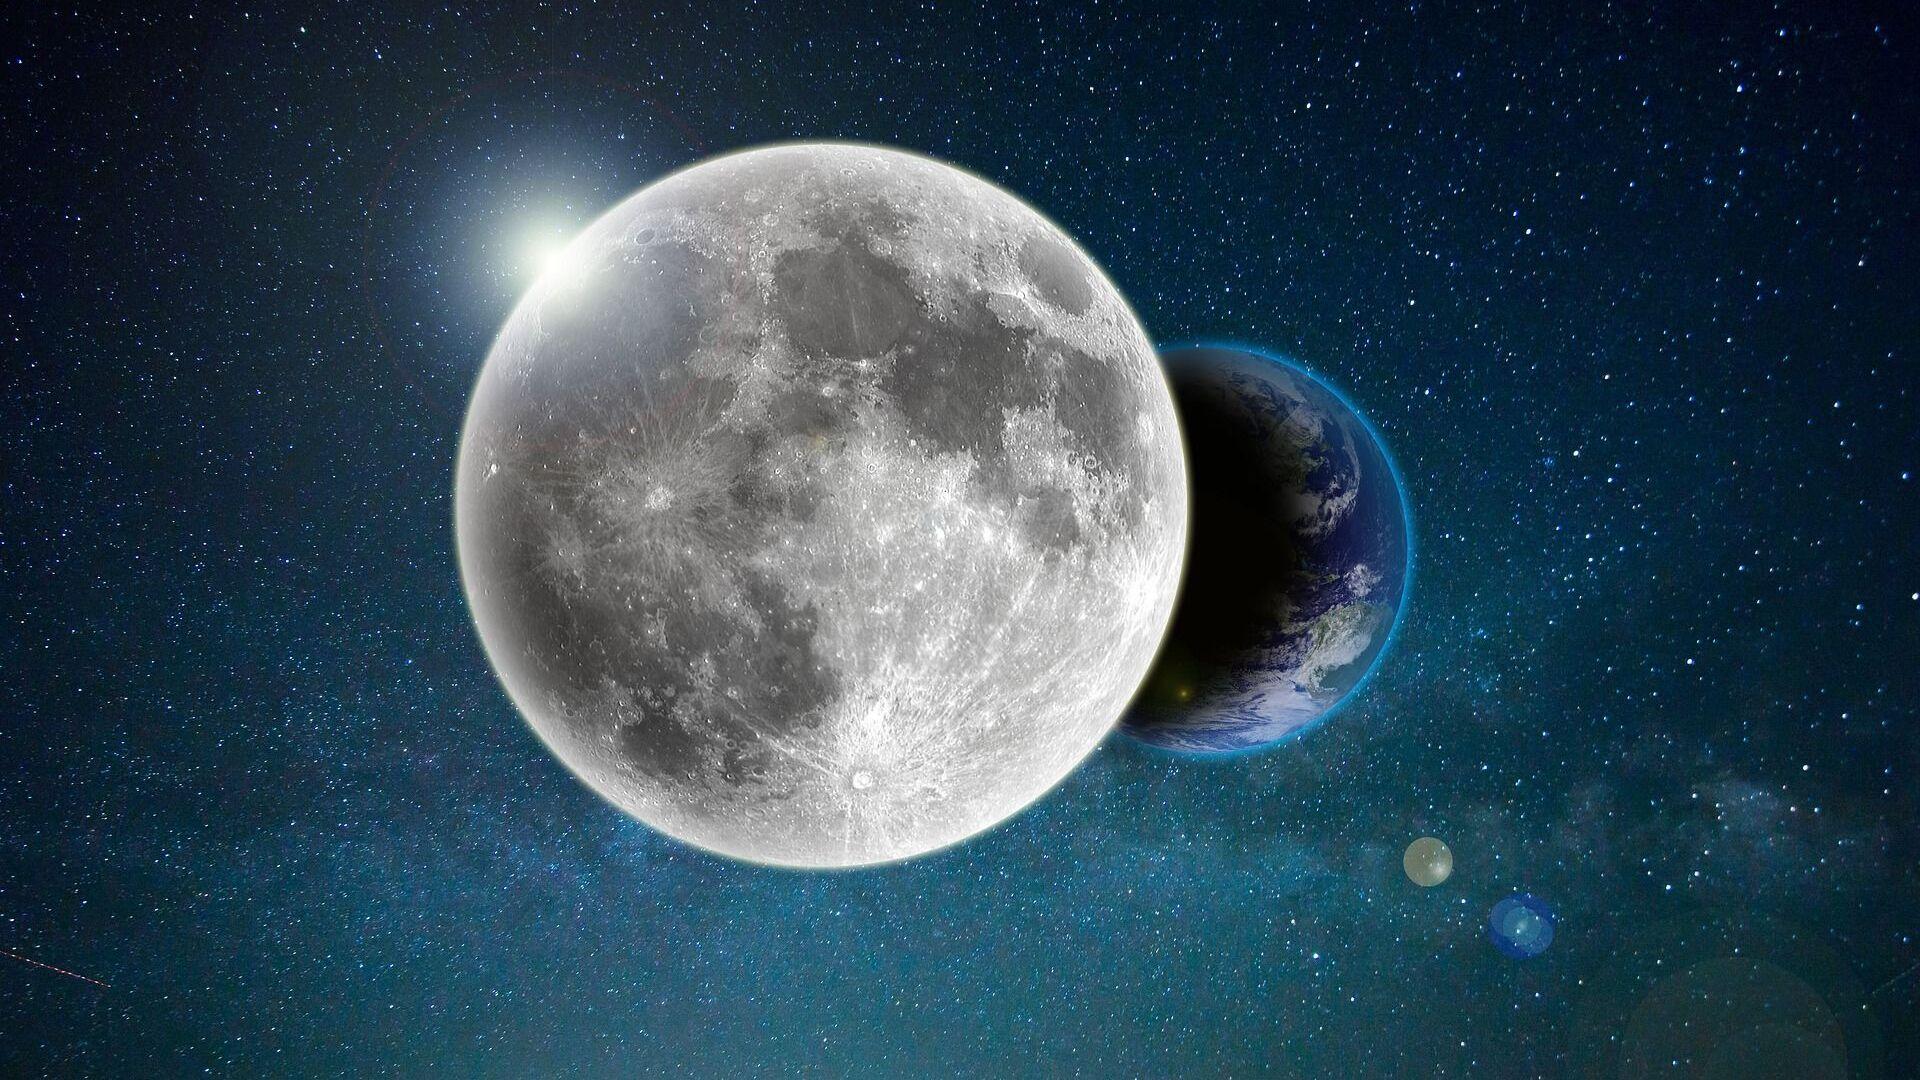 La Luna y la Tierra (ilustración) - Sputnik Mundo, 1920, 09.07.2021